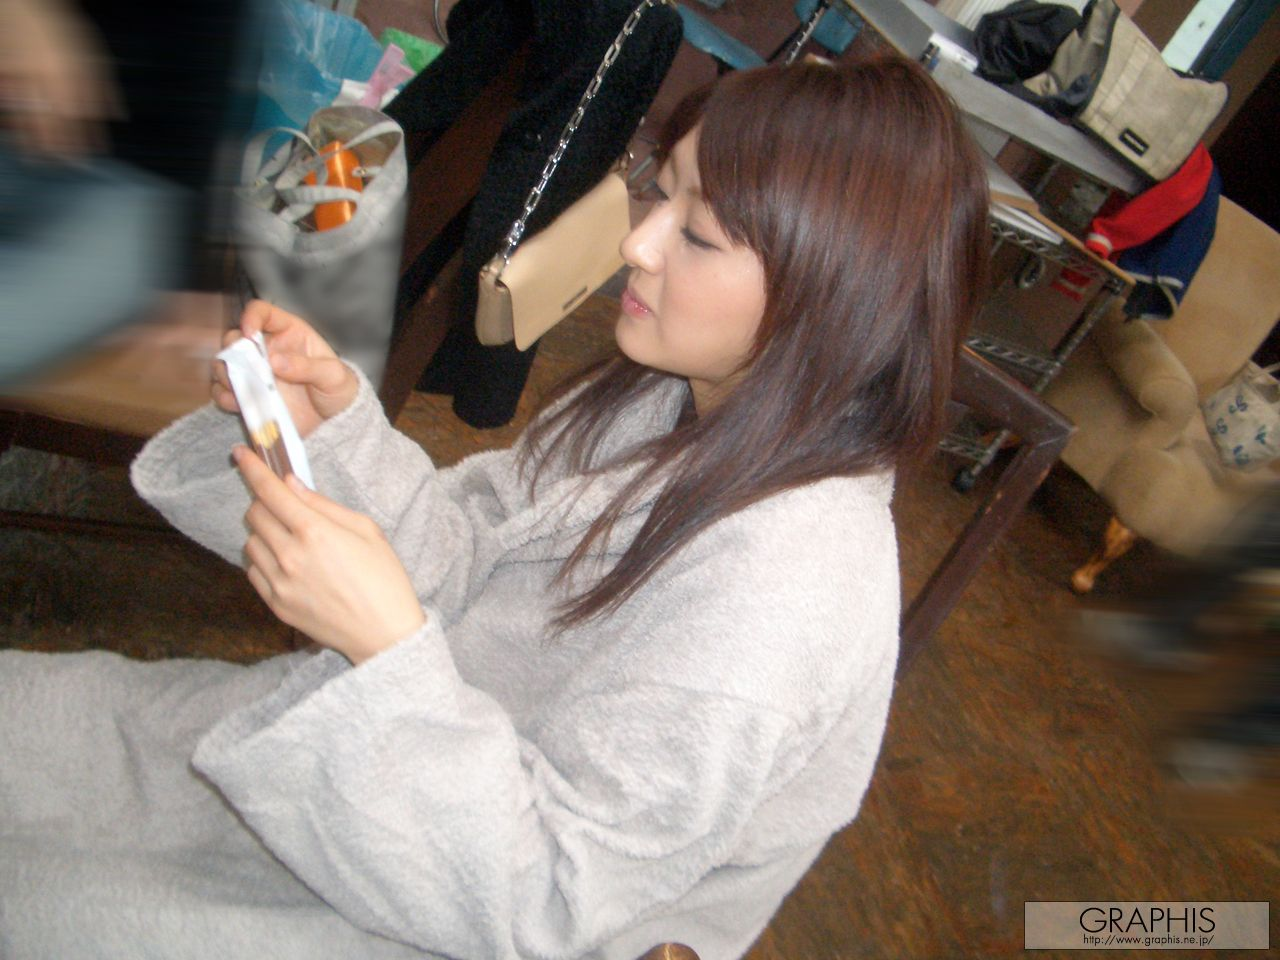 篠崎ミサ エロ画像 No.94